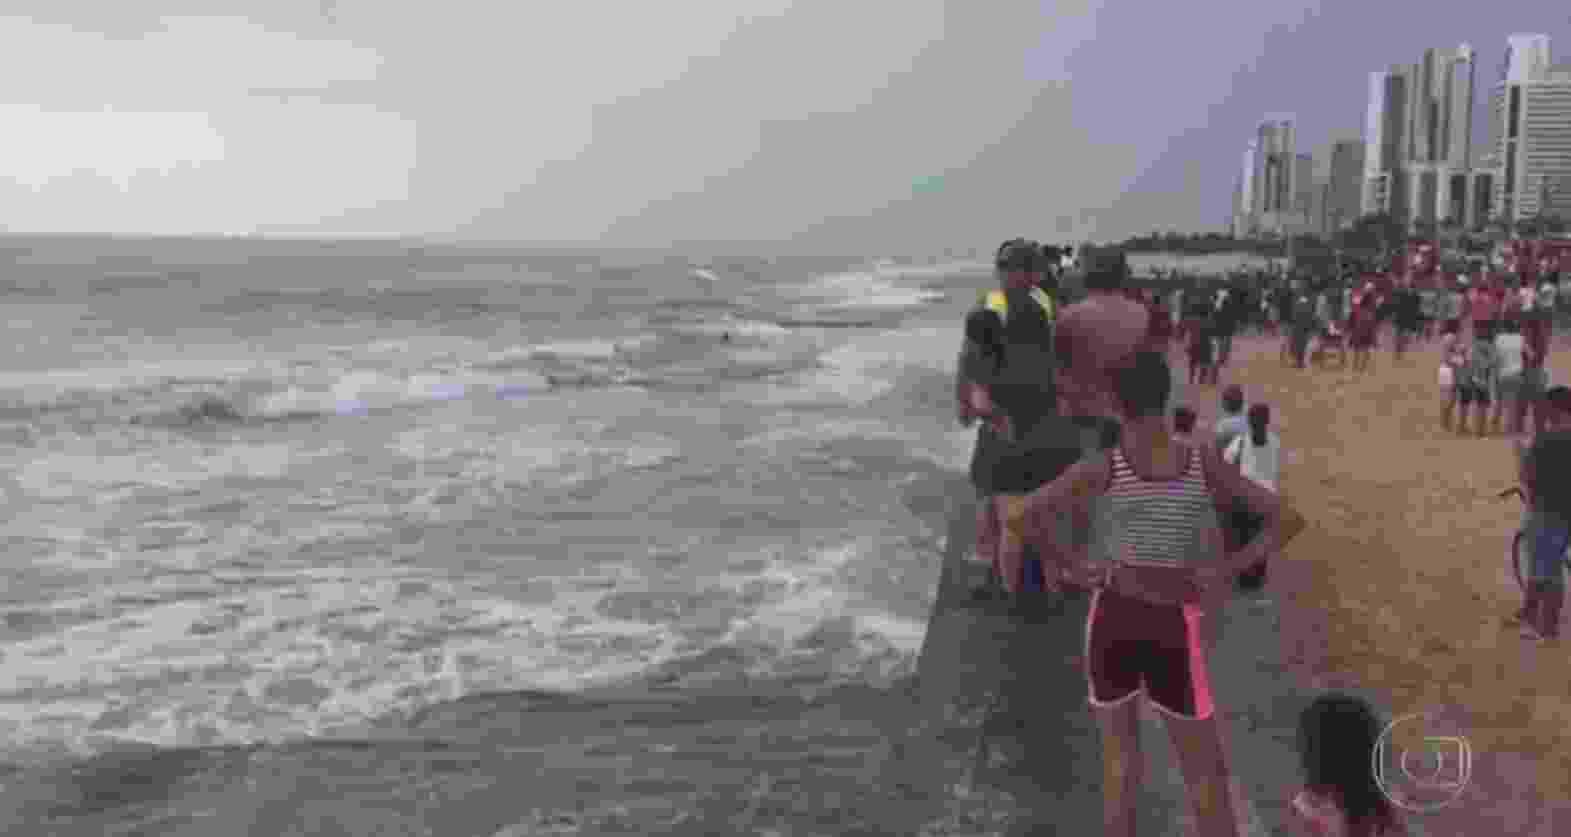 """Helicóptero cai em praia do Recife após fazer imagens para o """"Bom Dia Pernambuco"""" - Reprodução/Globo"""